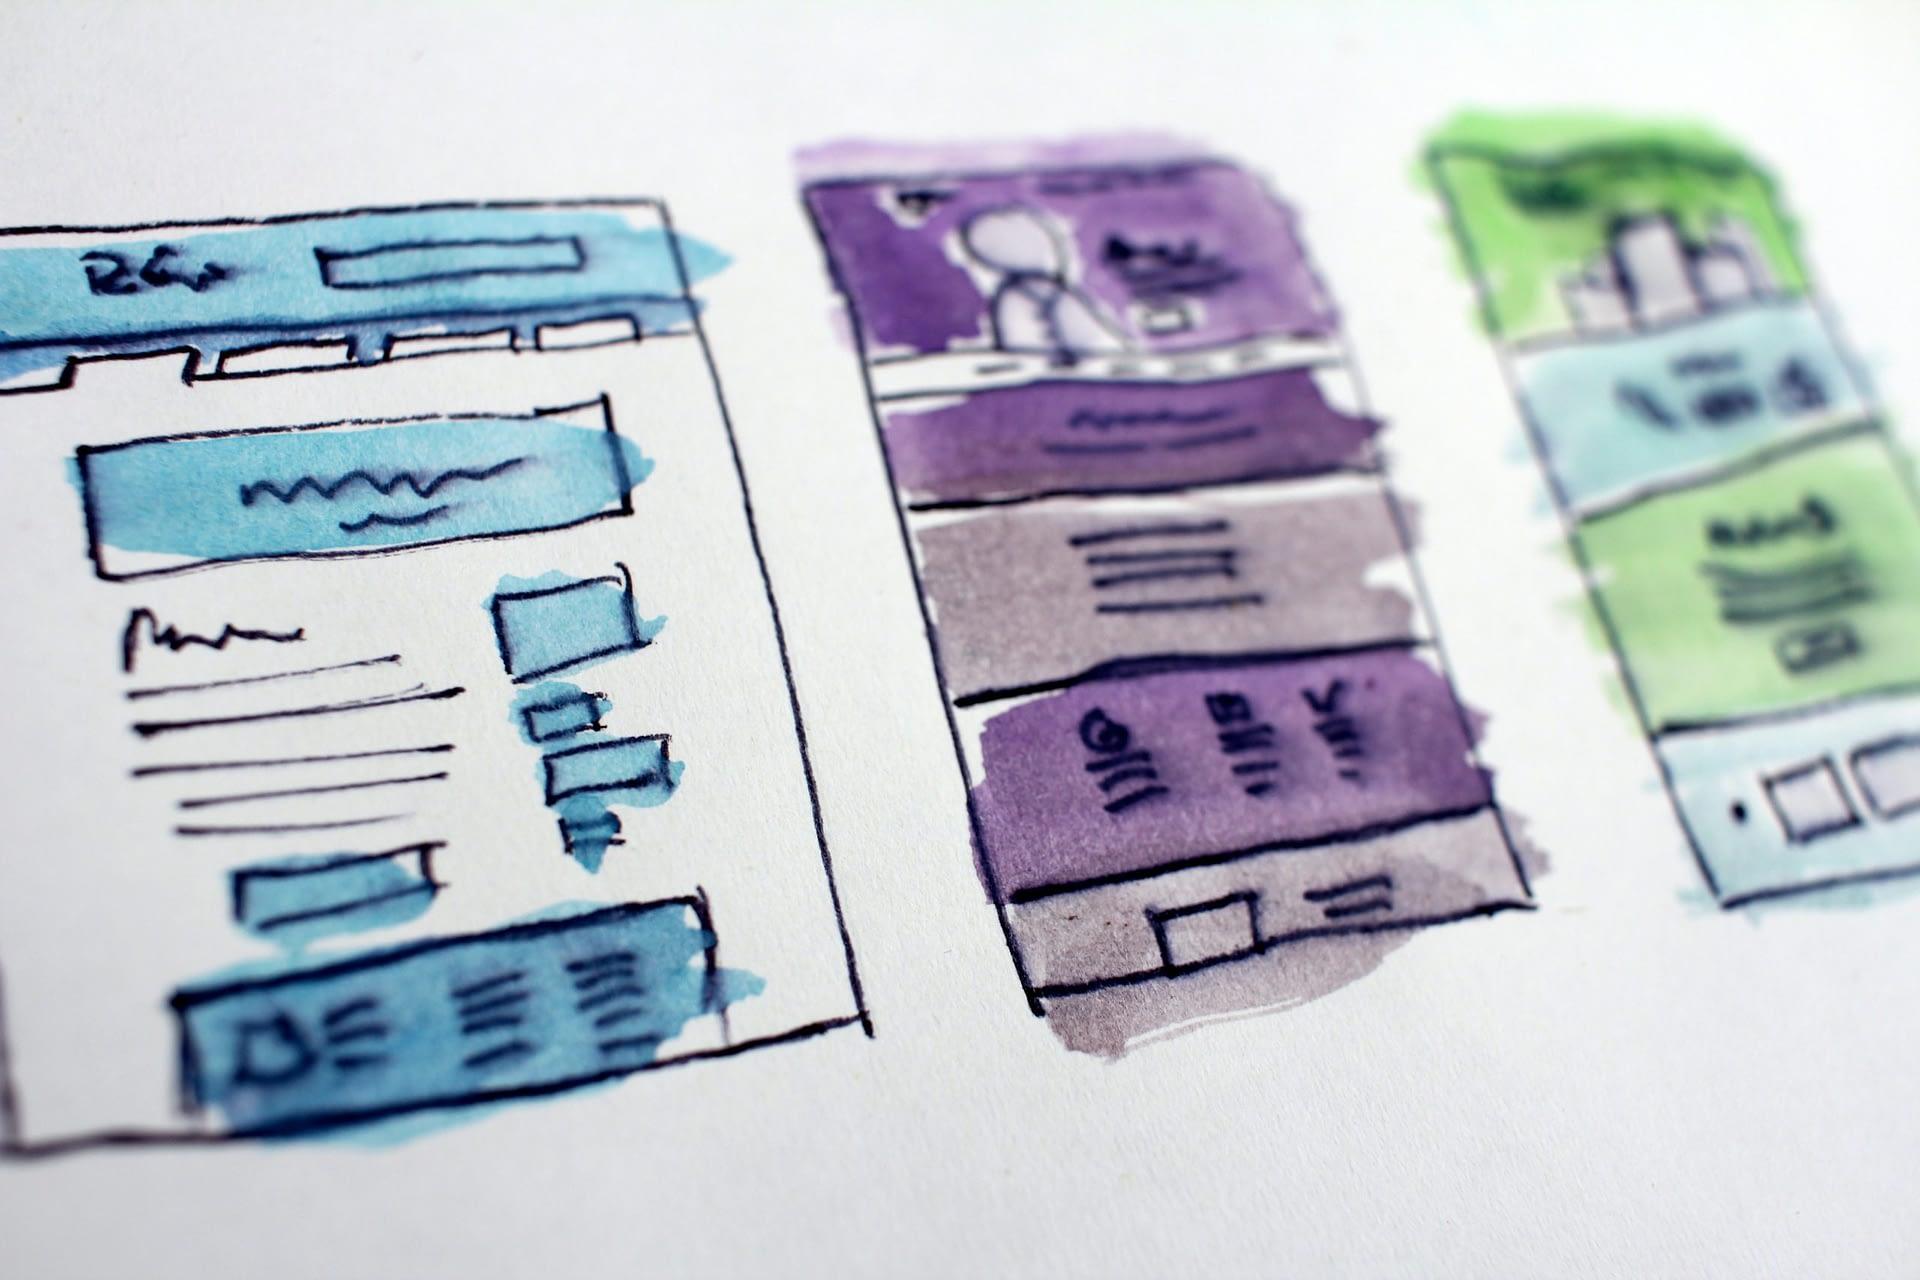 Web Design Services cover